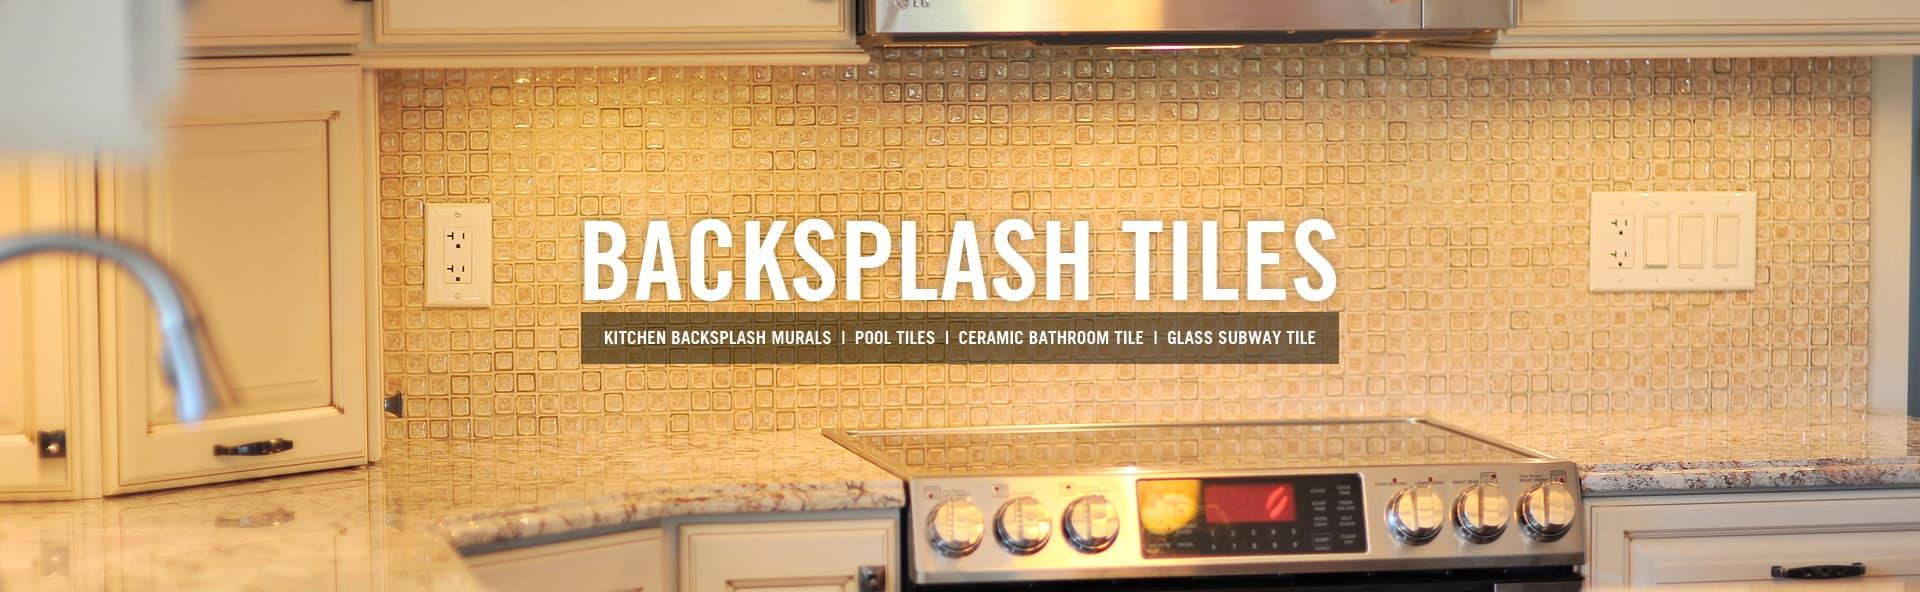 Kitchen Backsplash  Tiles   Mosaic Tile   subway  backsplashes